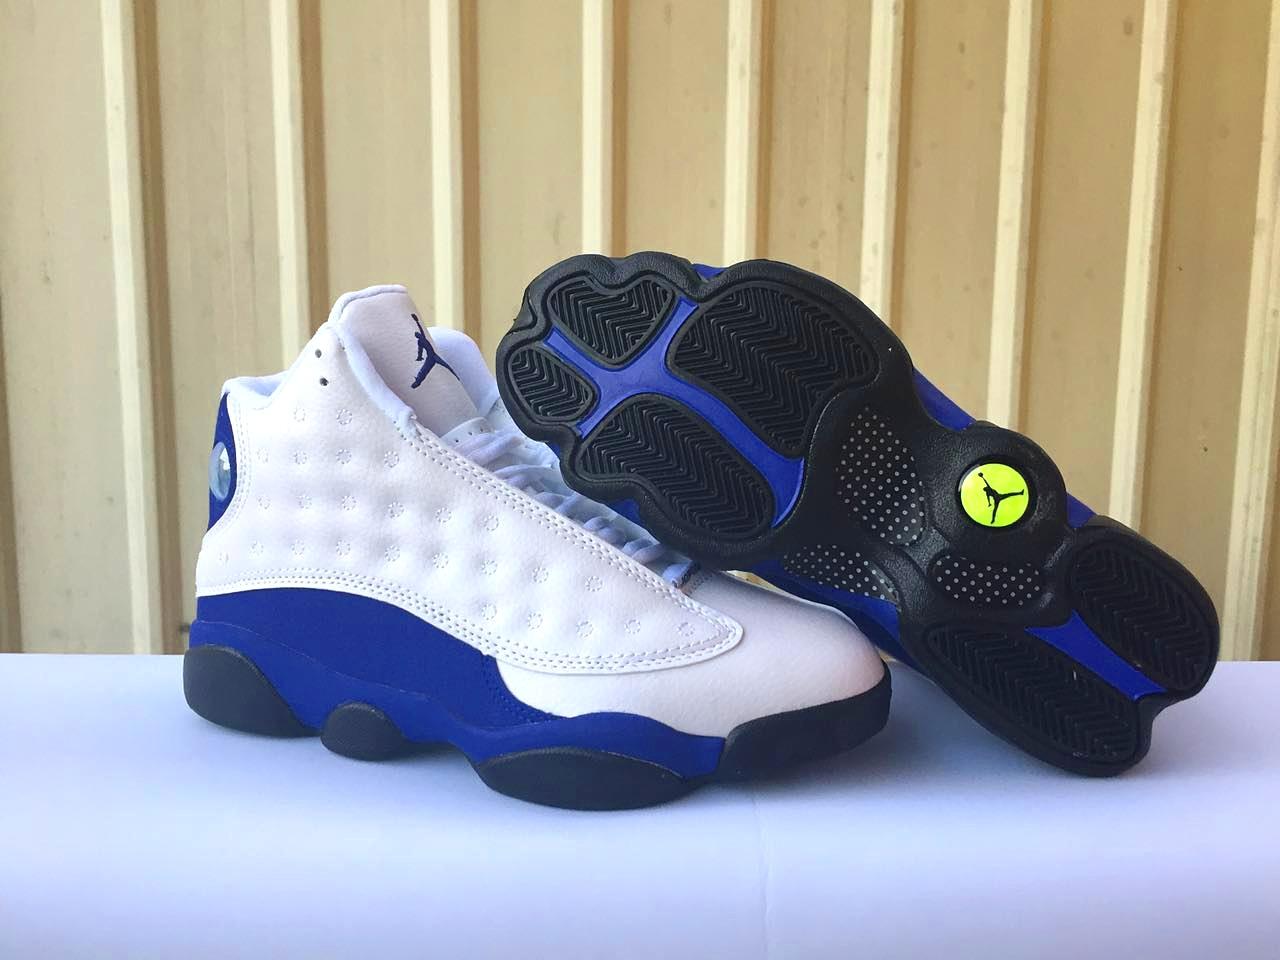 promo code 2e070 44111 New Air Jordan 13 White Blue Black Shoes [17OG102704 ...